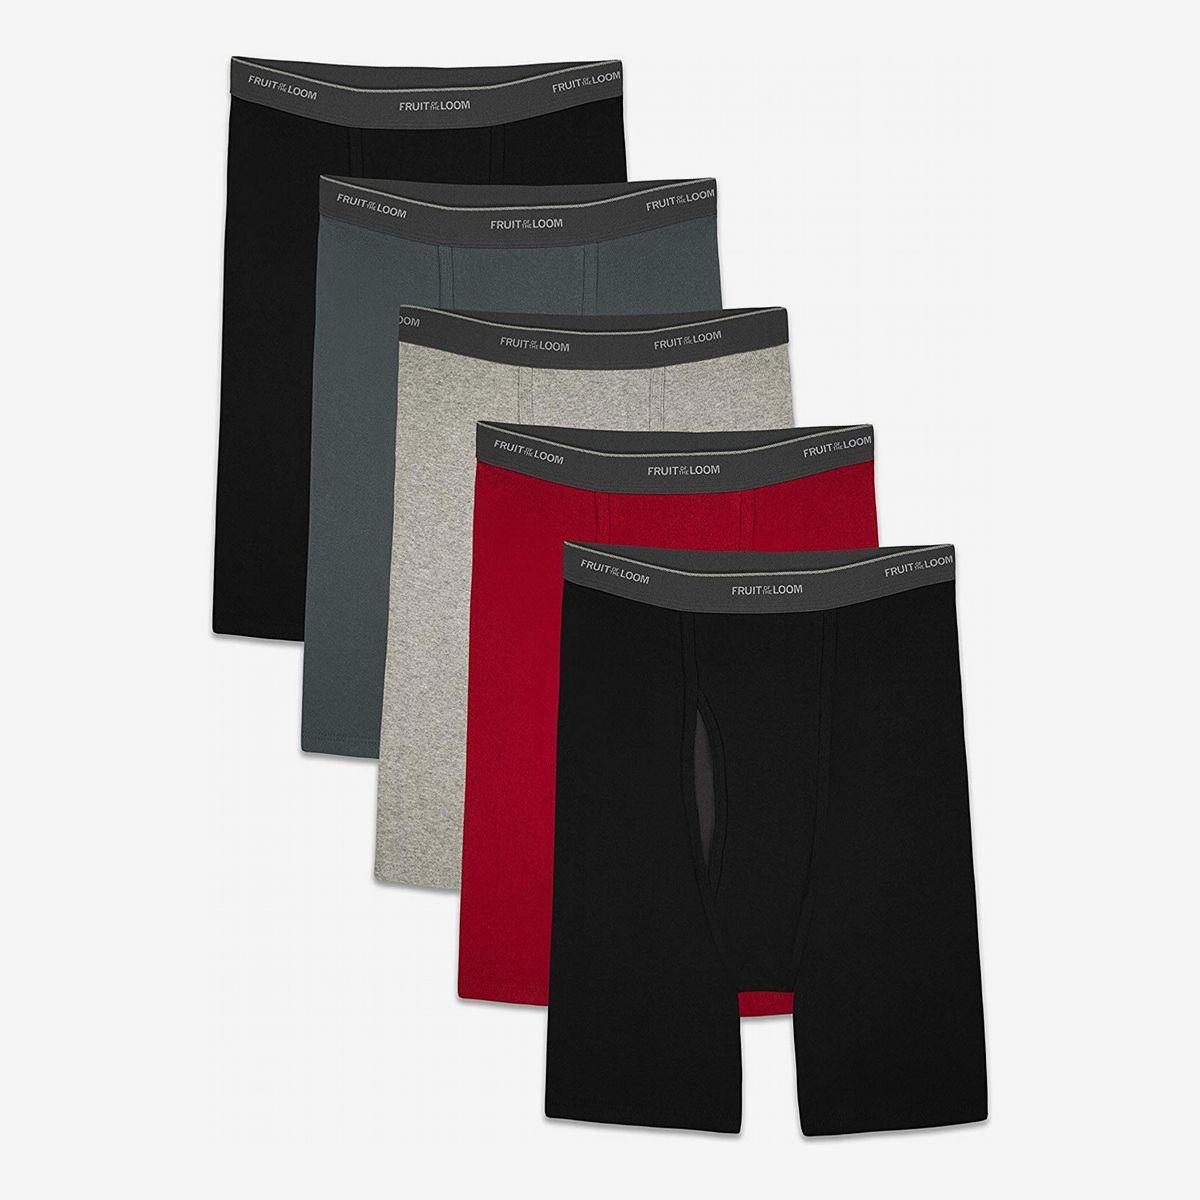 Napoo Best Briefs Underwear Men Short Leg Bulge Pouch Breathable Comfortable Underpants